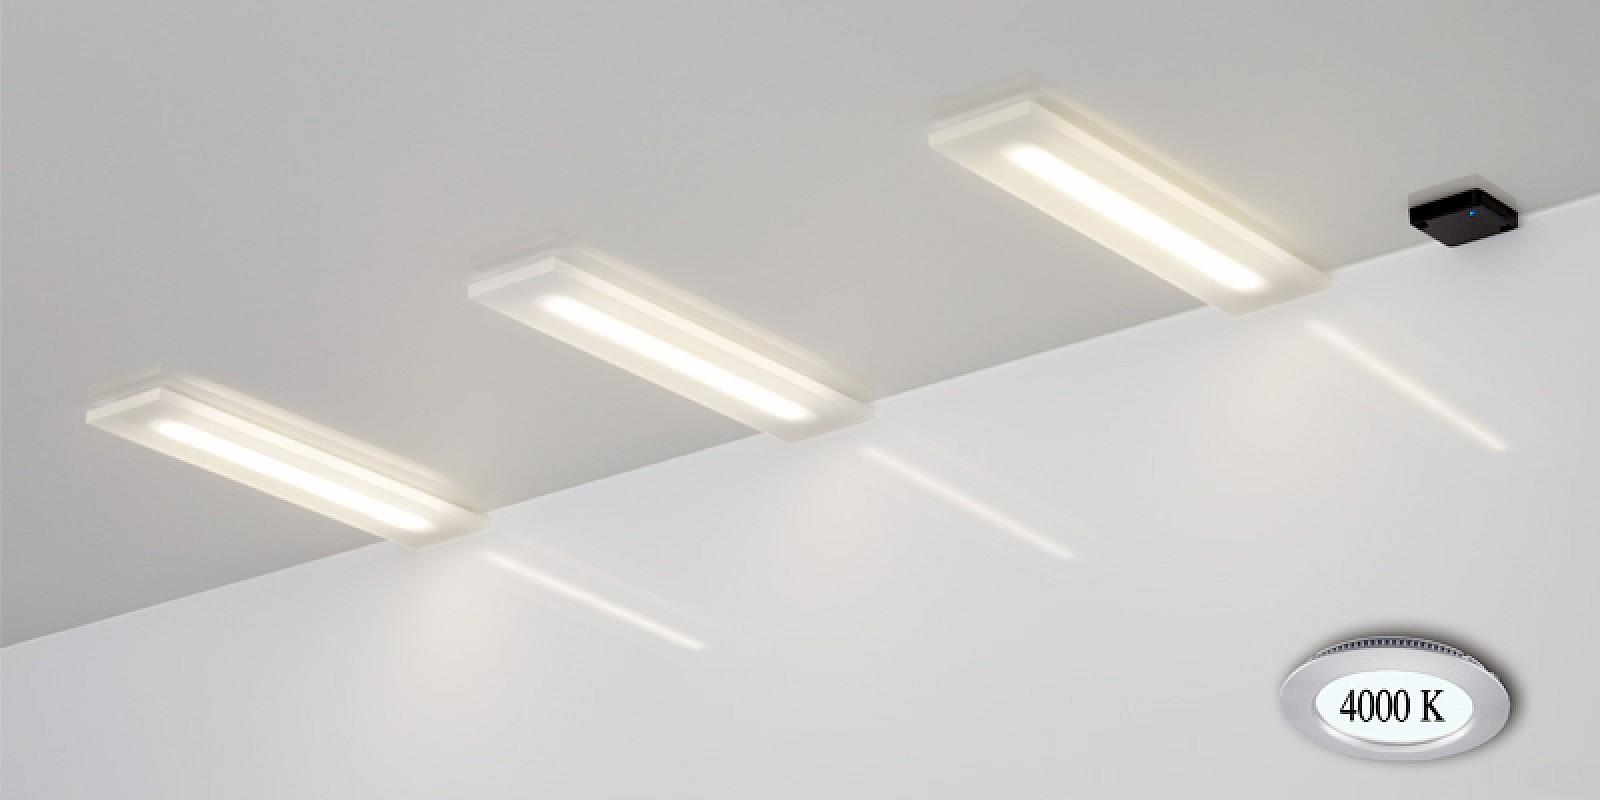 Full Size of Modernes Licht Gmbh Led Einbau Unterbauleuchten Abfallbehälter Küche Beleuchtung Planen Kostenlos Schnittschutzhandschuhe Mülltonne Tapete Vorhänge Holz Wohnzimmer Unterbauleuchte Küche